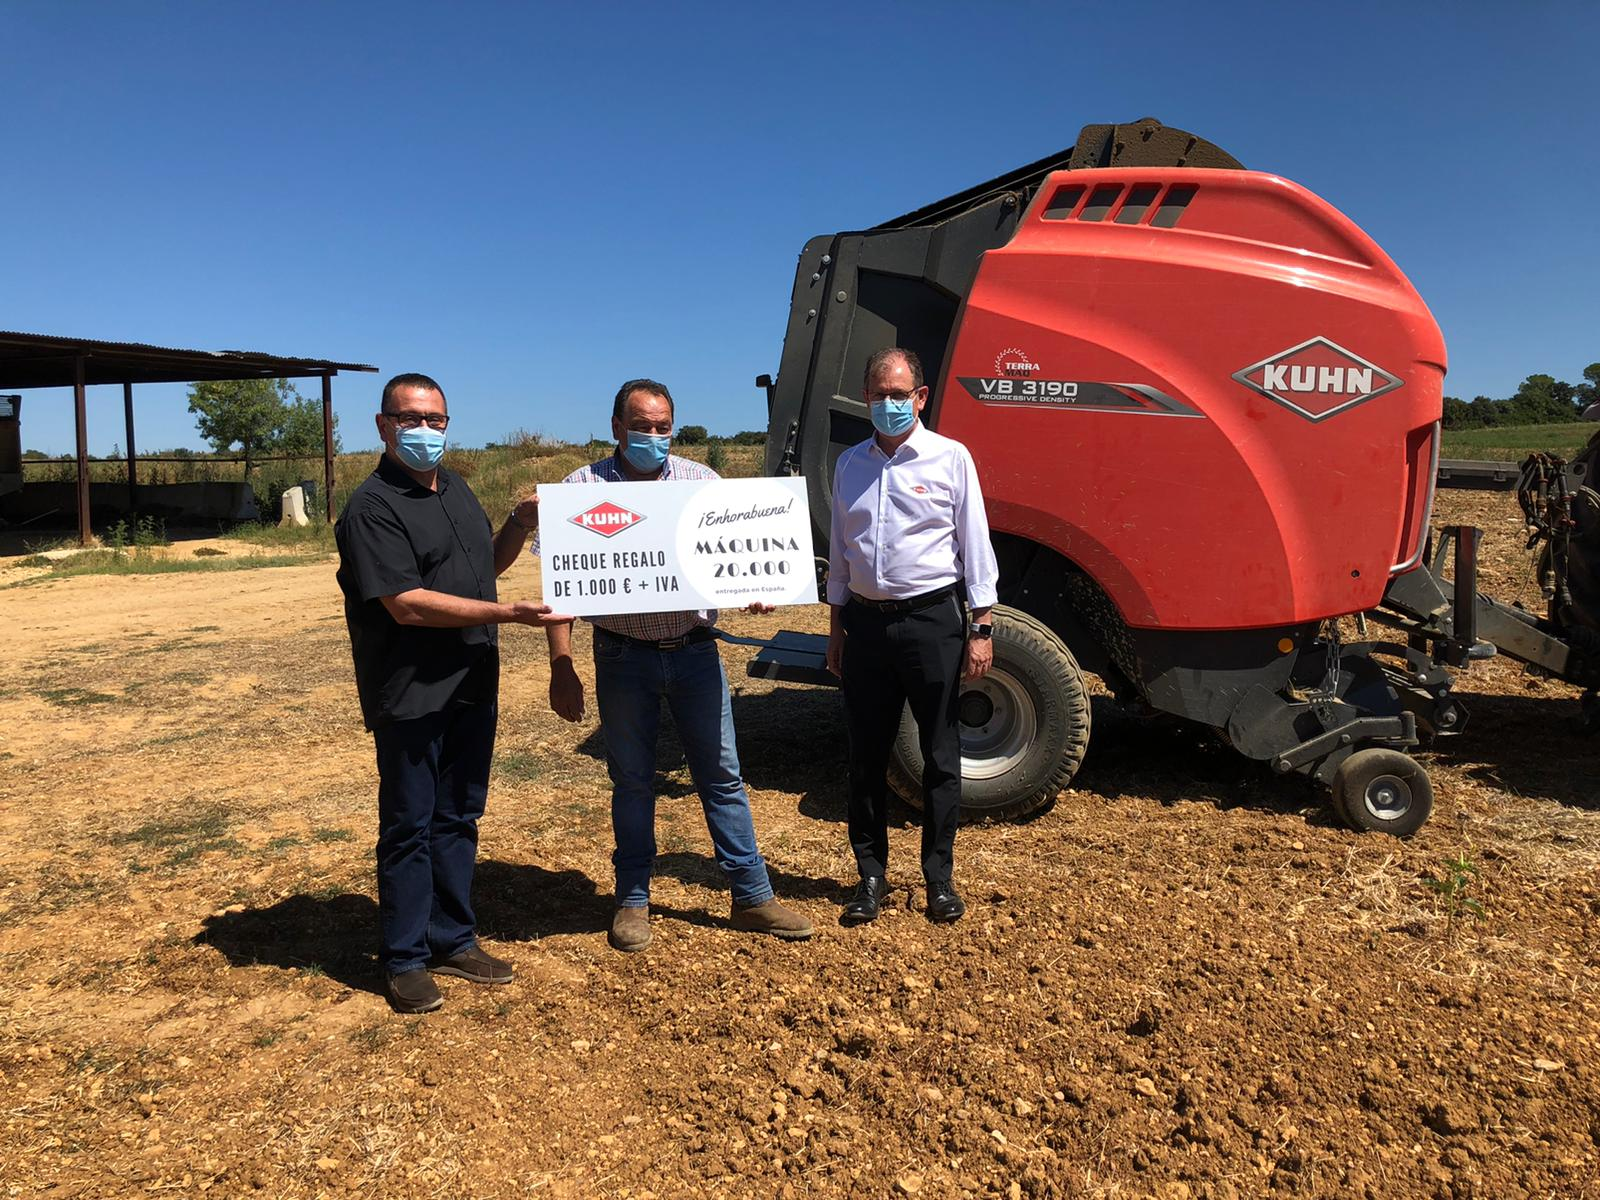 La rotoempacadora VB 3190 de Kuhn se convierte en la máquina 20.000 entregada en España por el fabricante